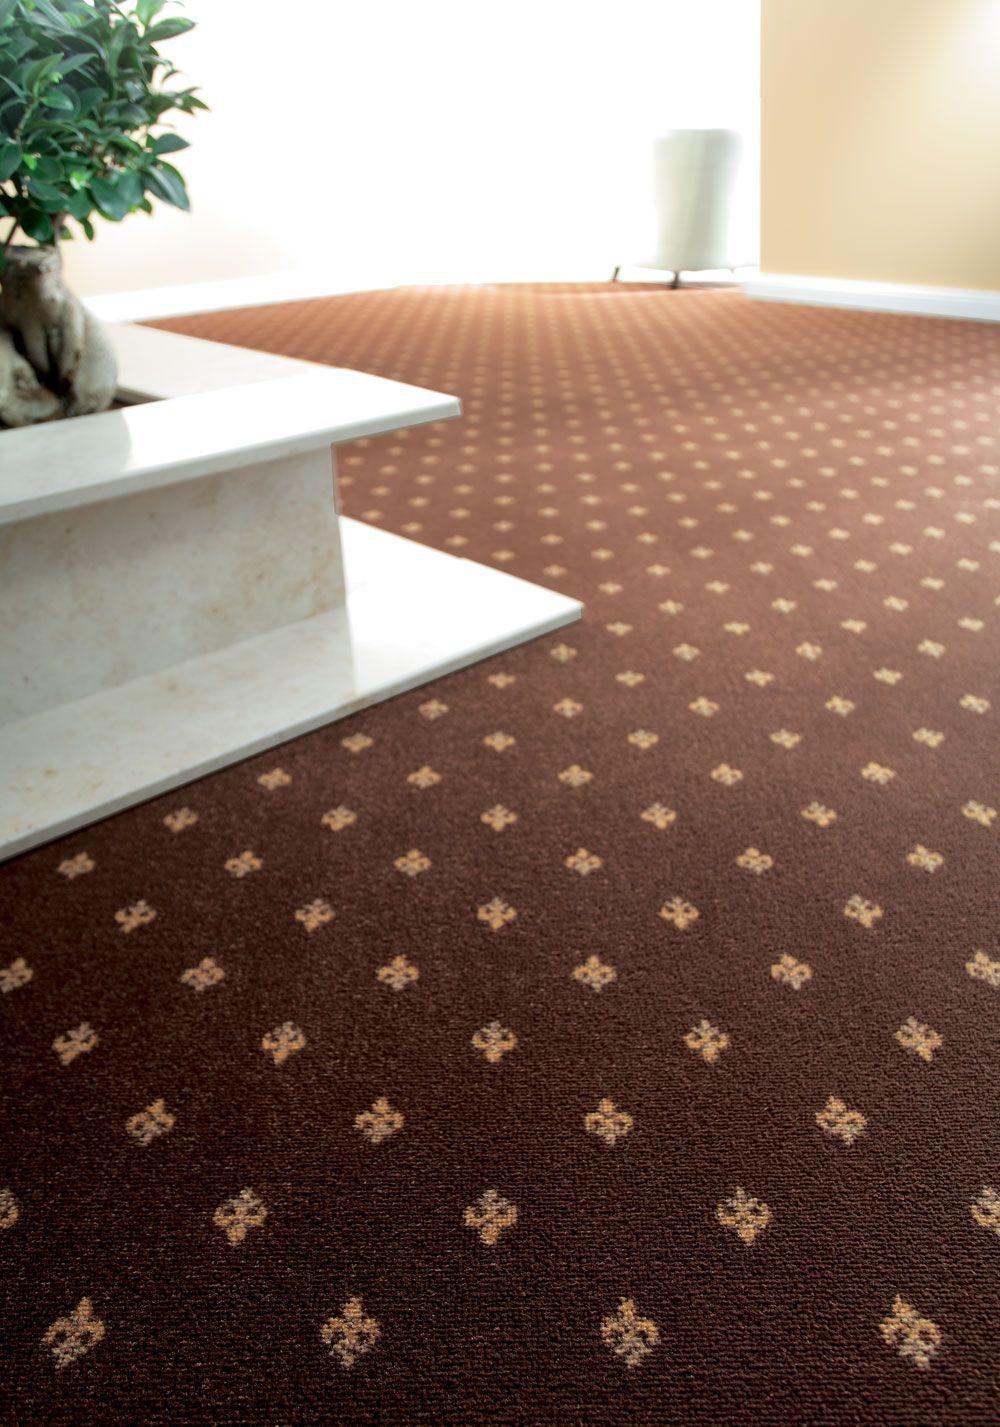 Berlin Fotos Reinigen Teppichboden Von Berlin Fotos Teppichboden Von Teppichboden Reinigen In 2020 Teppichboden Teppich Günstig Teppichboden Reinigen